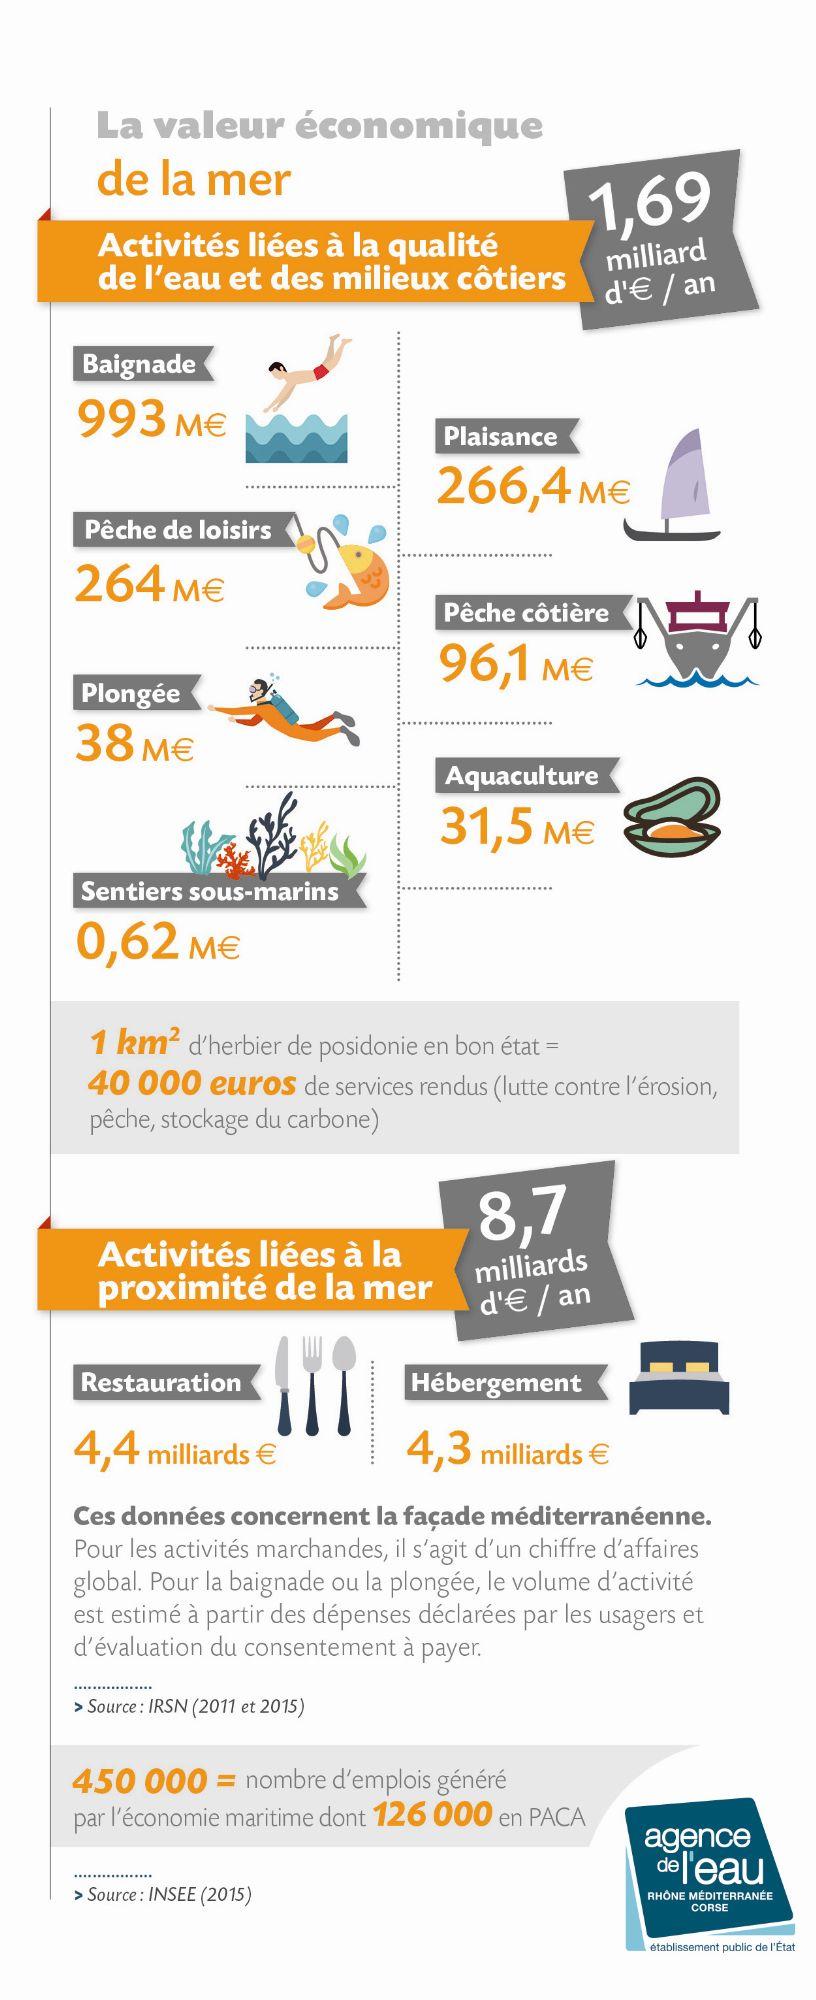 la_valeur_economique_de_la_mer_-_infographie.jpg